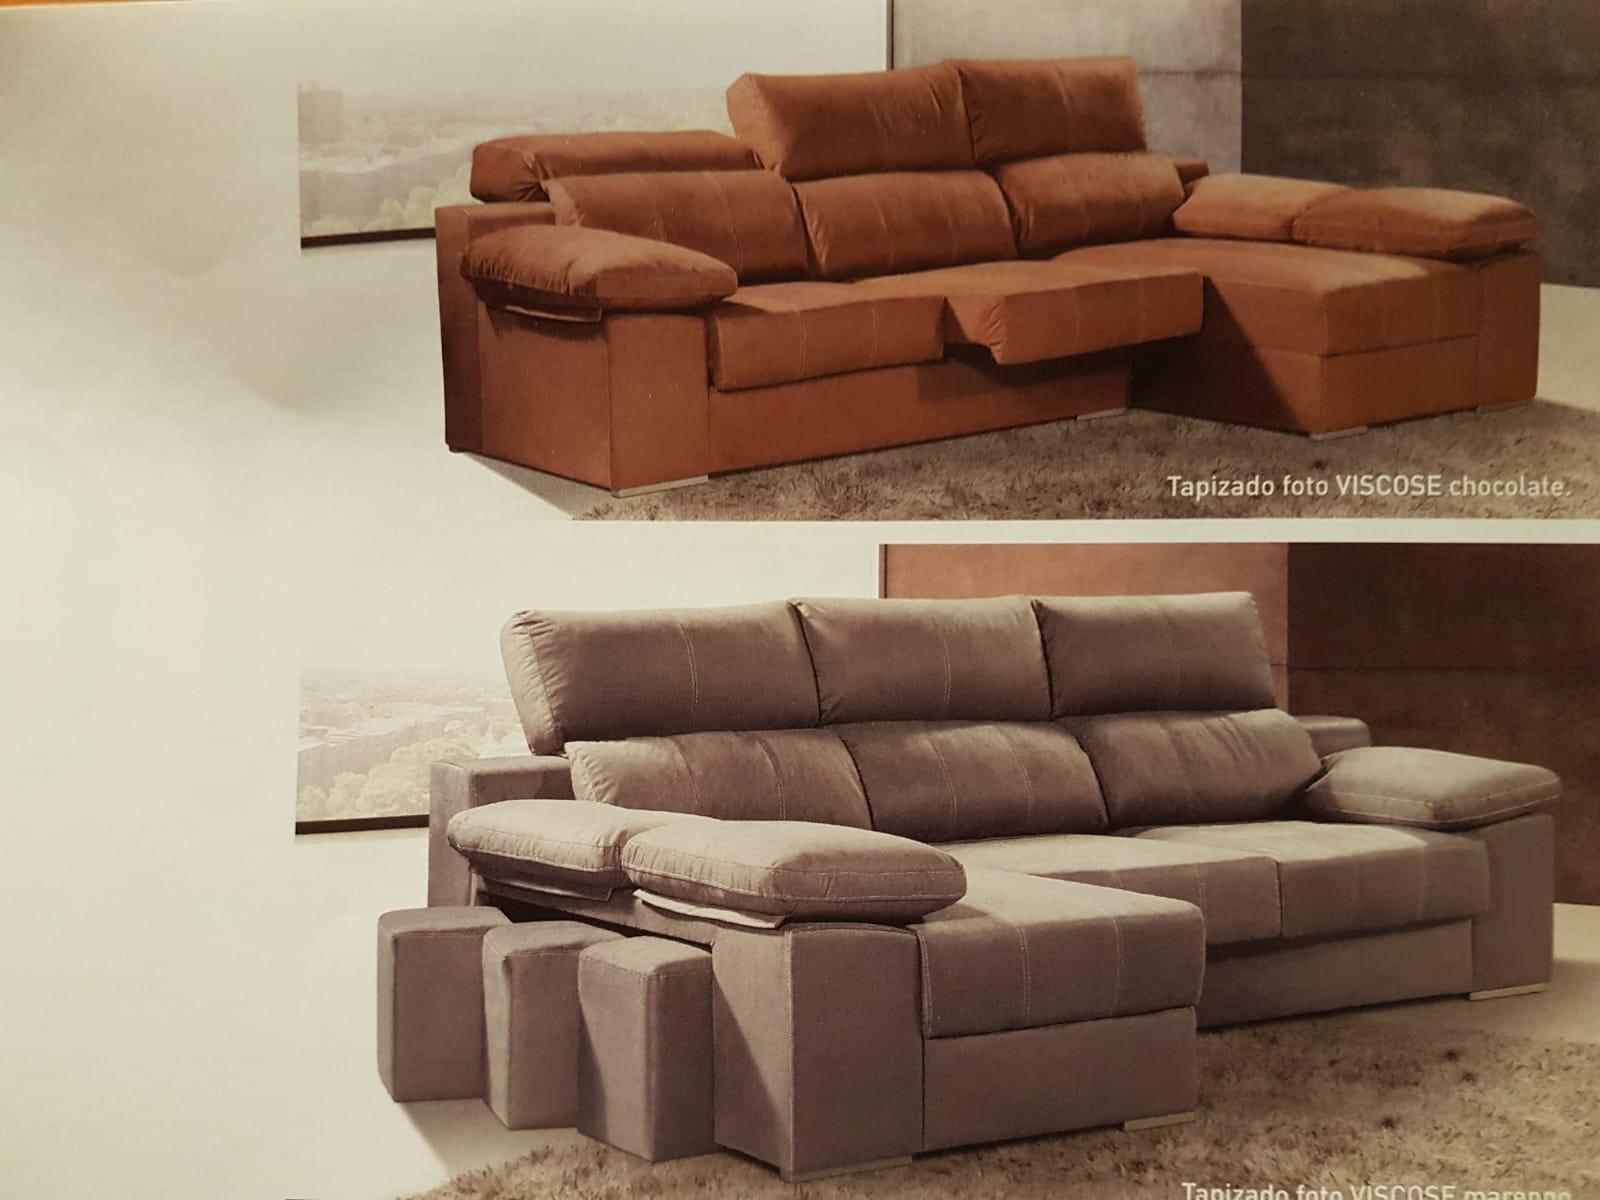 Tiendas de muebles en denia el mueble que buscas tiendas de muebles baratos online muebles - Catalogo conforama alicante ...